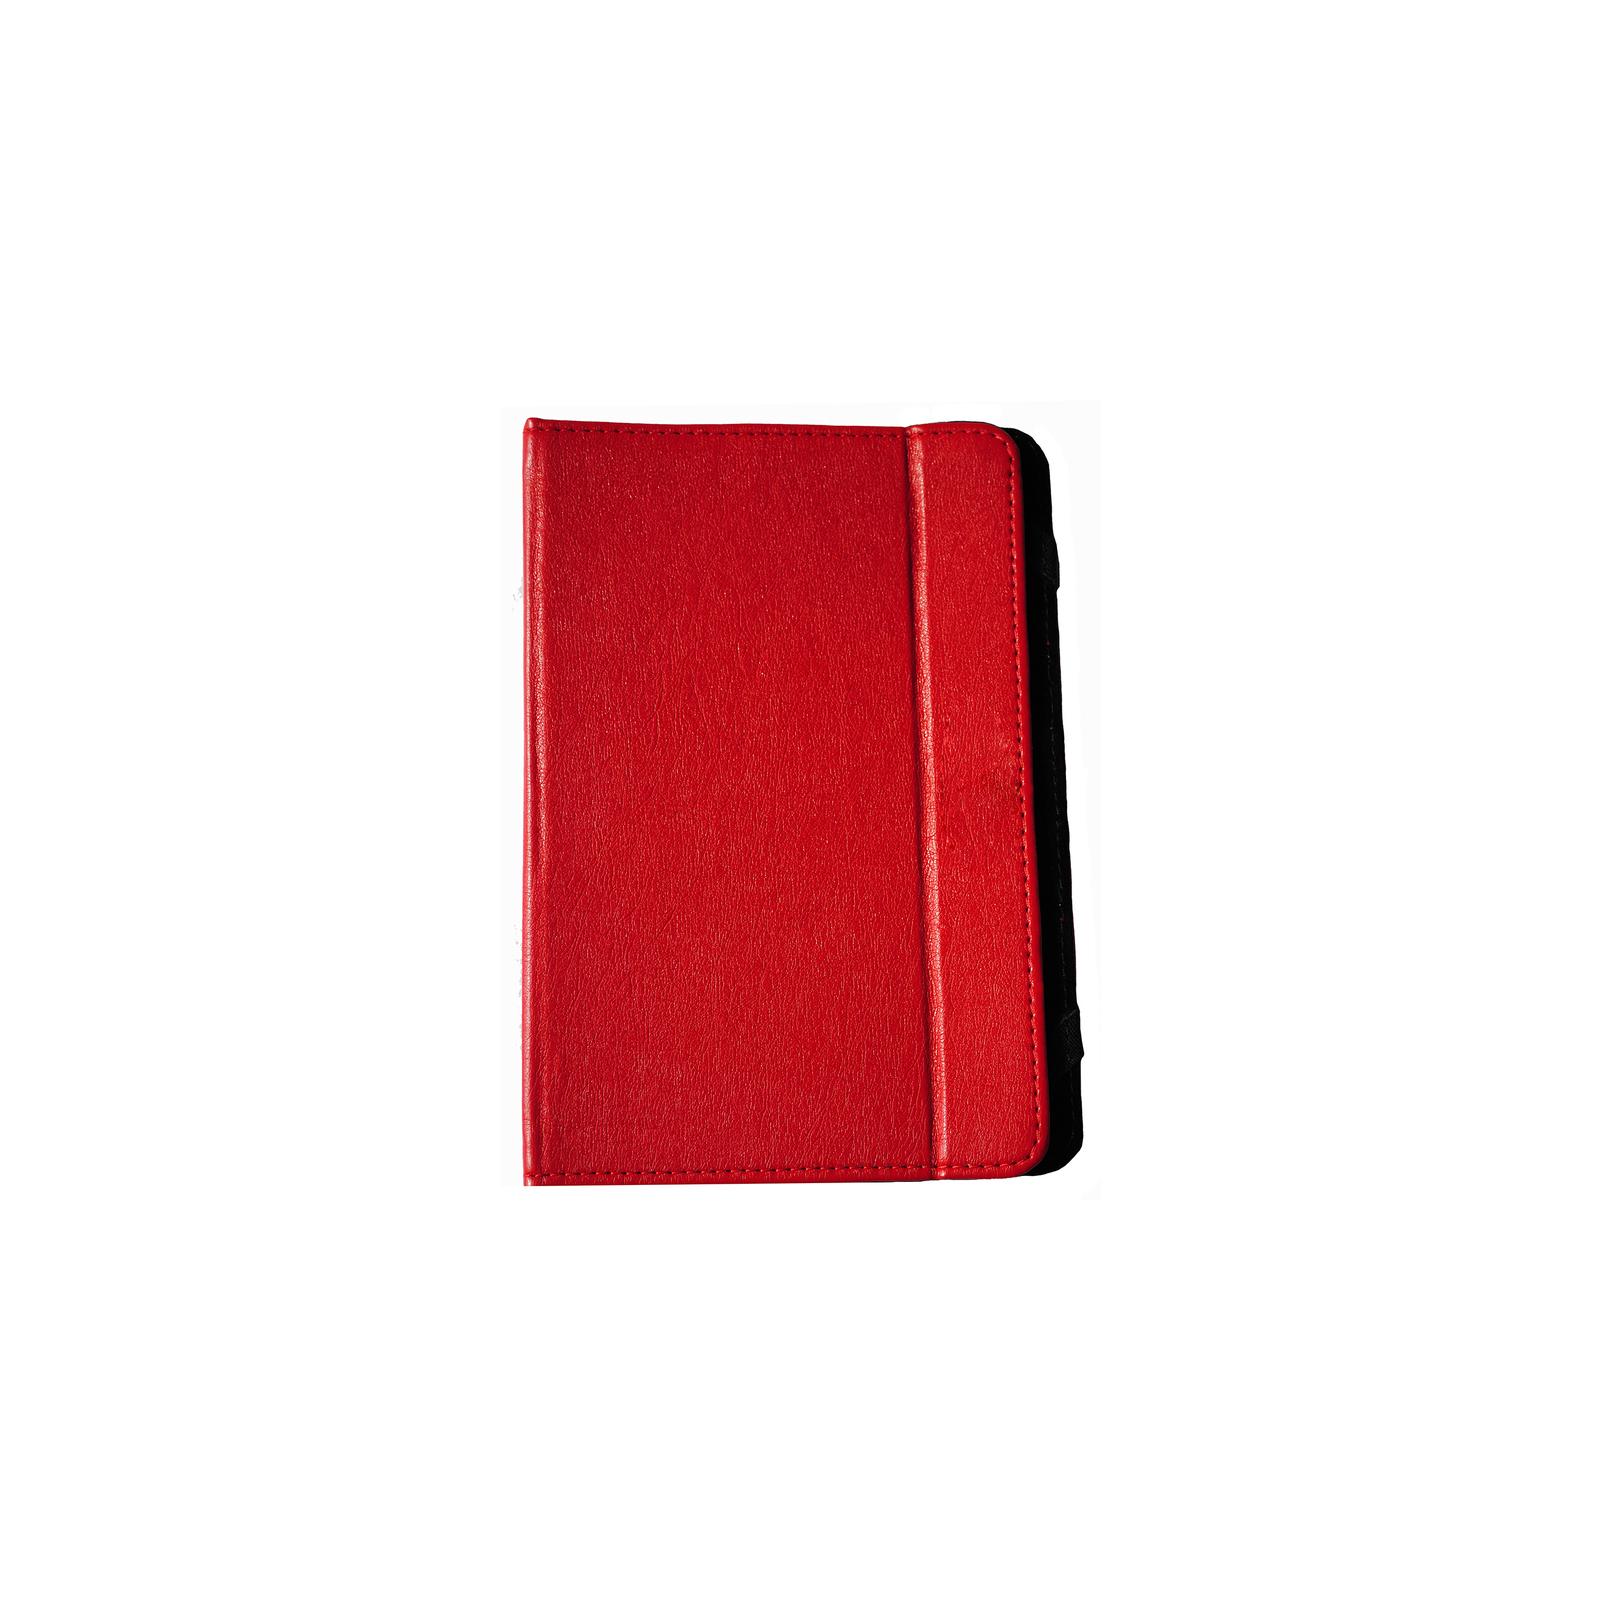 Чехол для планшета Vento 7 Polly - red (07Р051R)